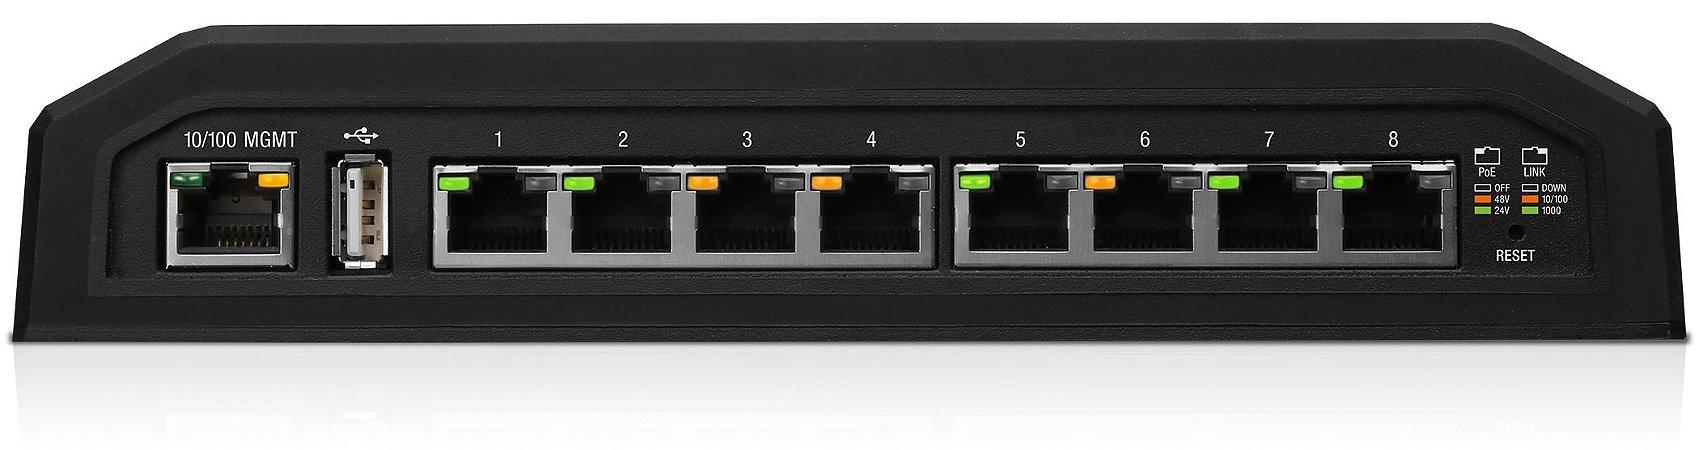 Switch Ubiquiti EdgeSwitch XP 8XP Giga 24V-48V POE ES-8XP - Ubiquiti